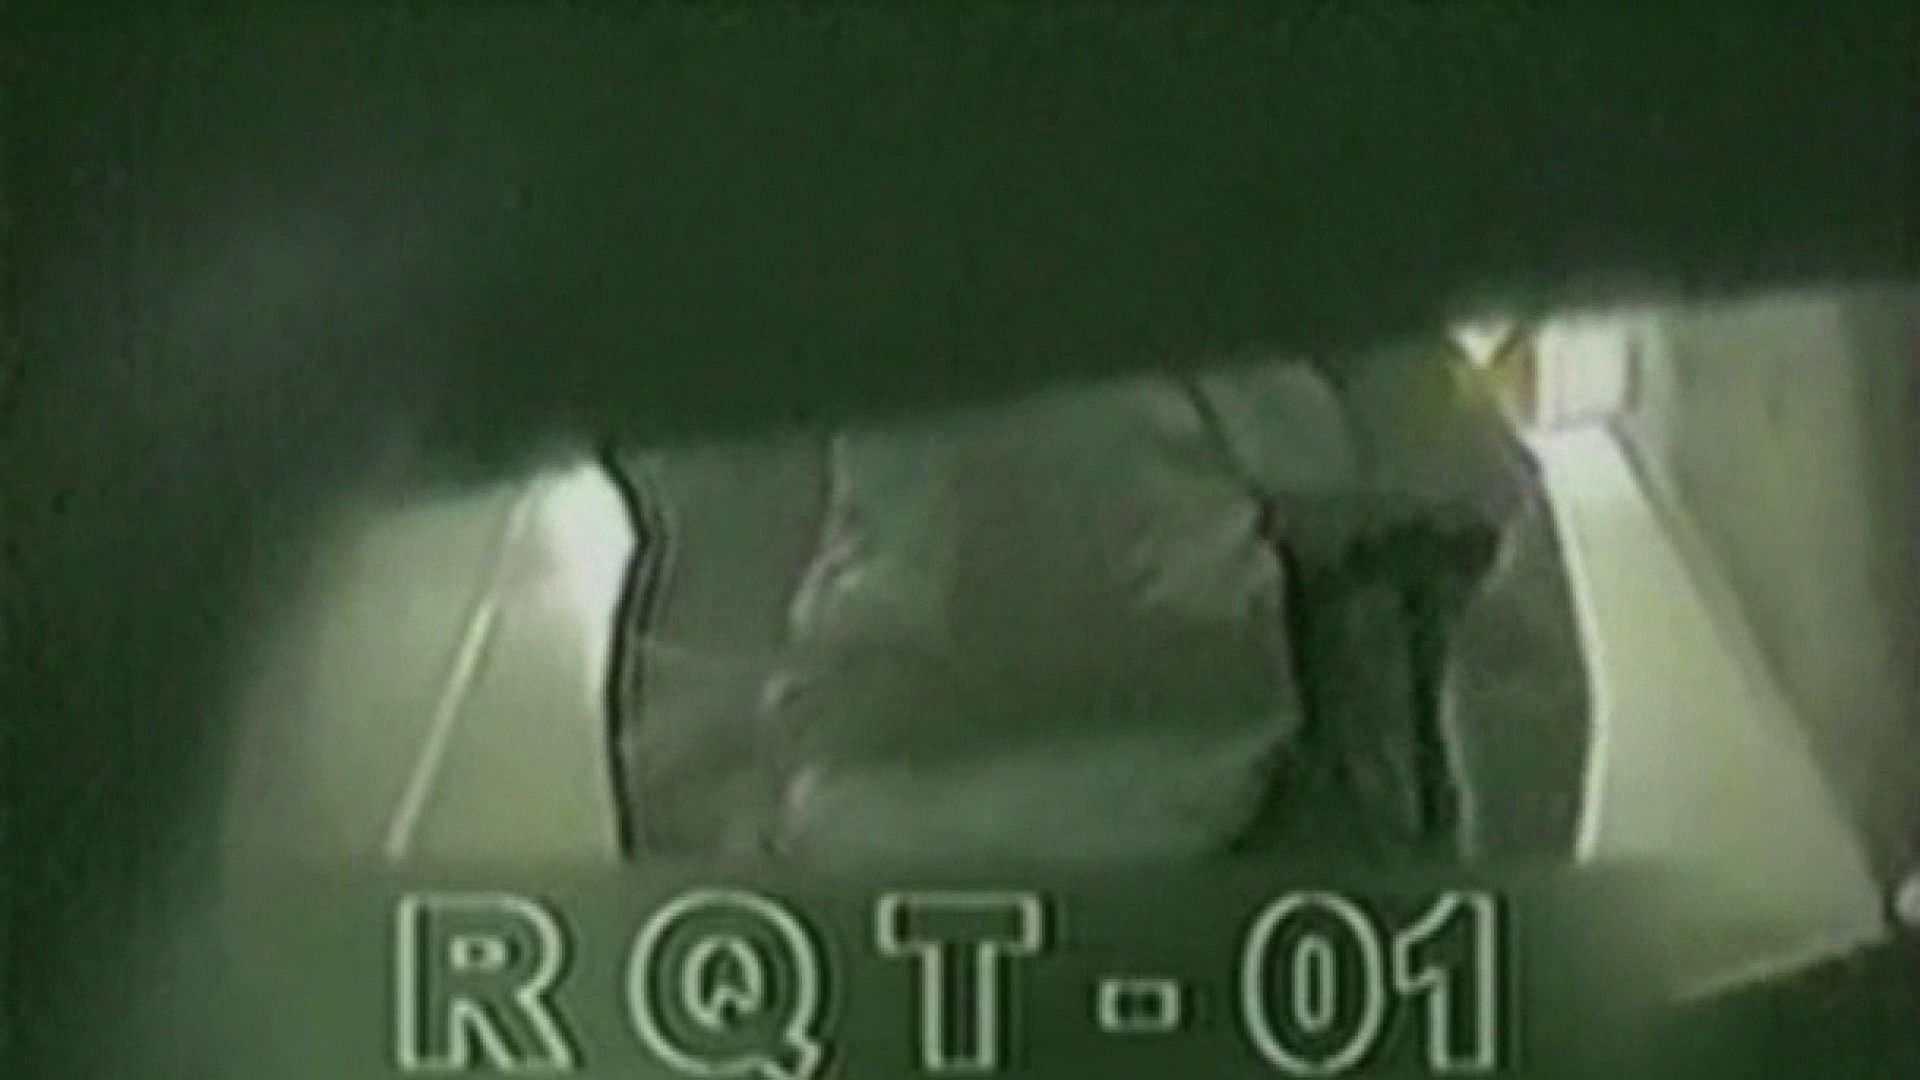 お姉さんの恥便所盗撮! Vol.2 レースクイーンエロ画像 盗撮われめAV動画紹介 89PICs 14